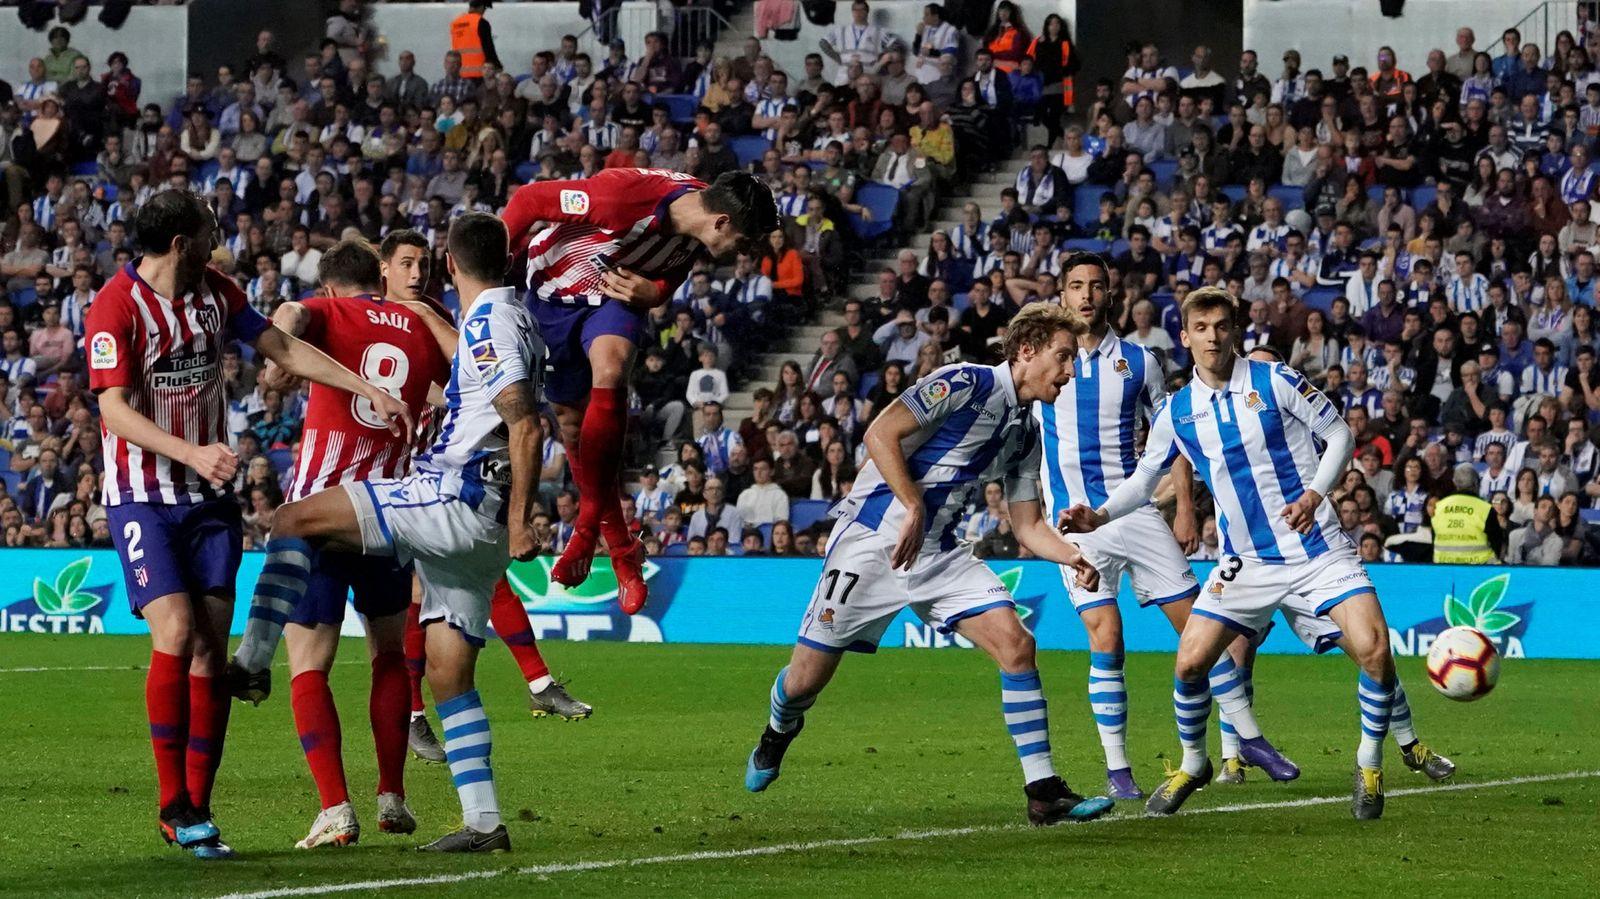 Foto: Moratá marcó en uno de los choques del año pasado. (Reuters)